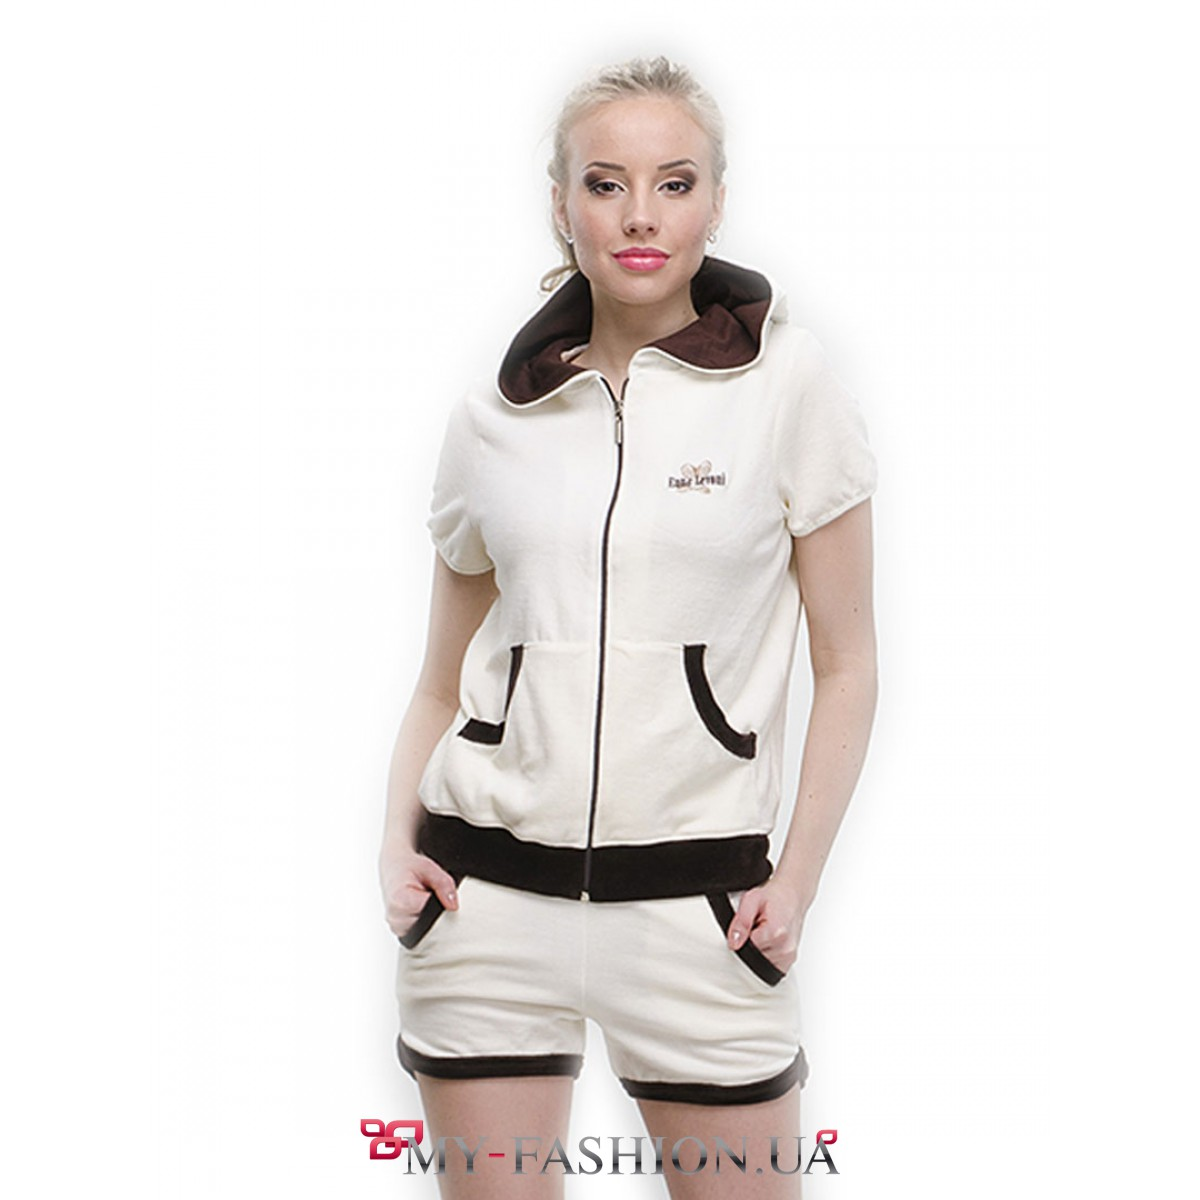 Женские спортивные костюмы с шортами доставка